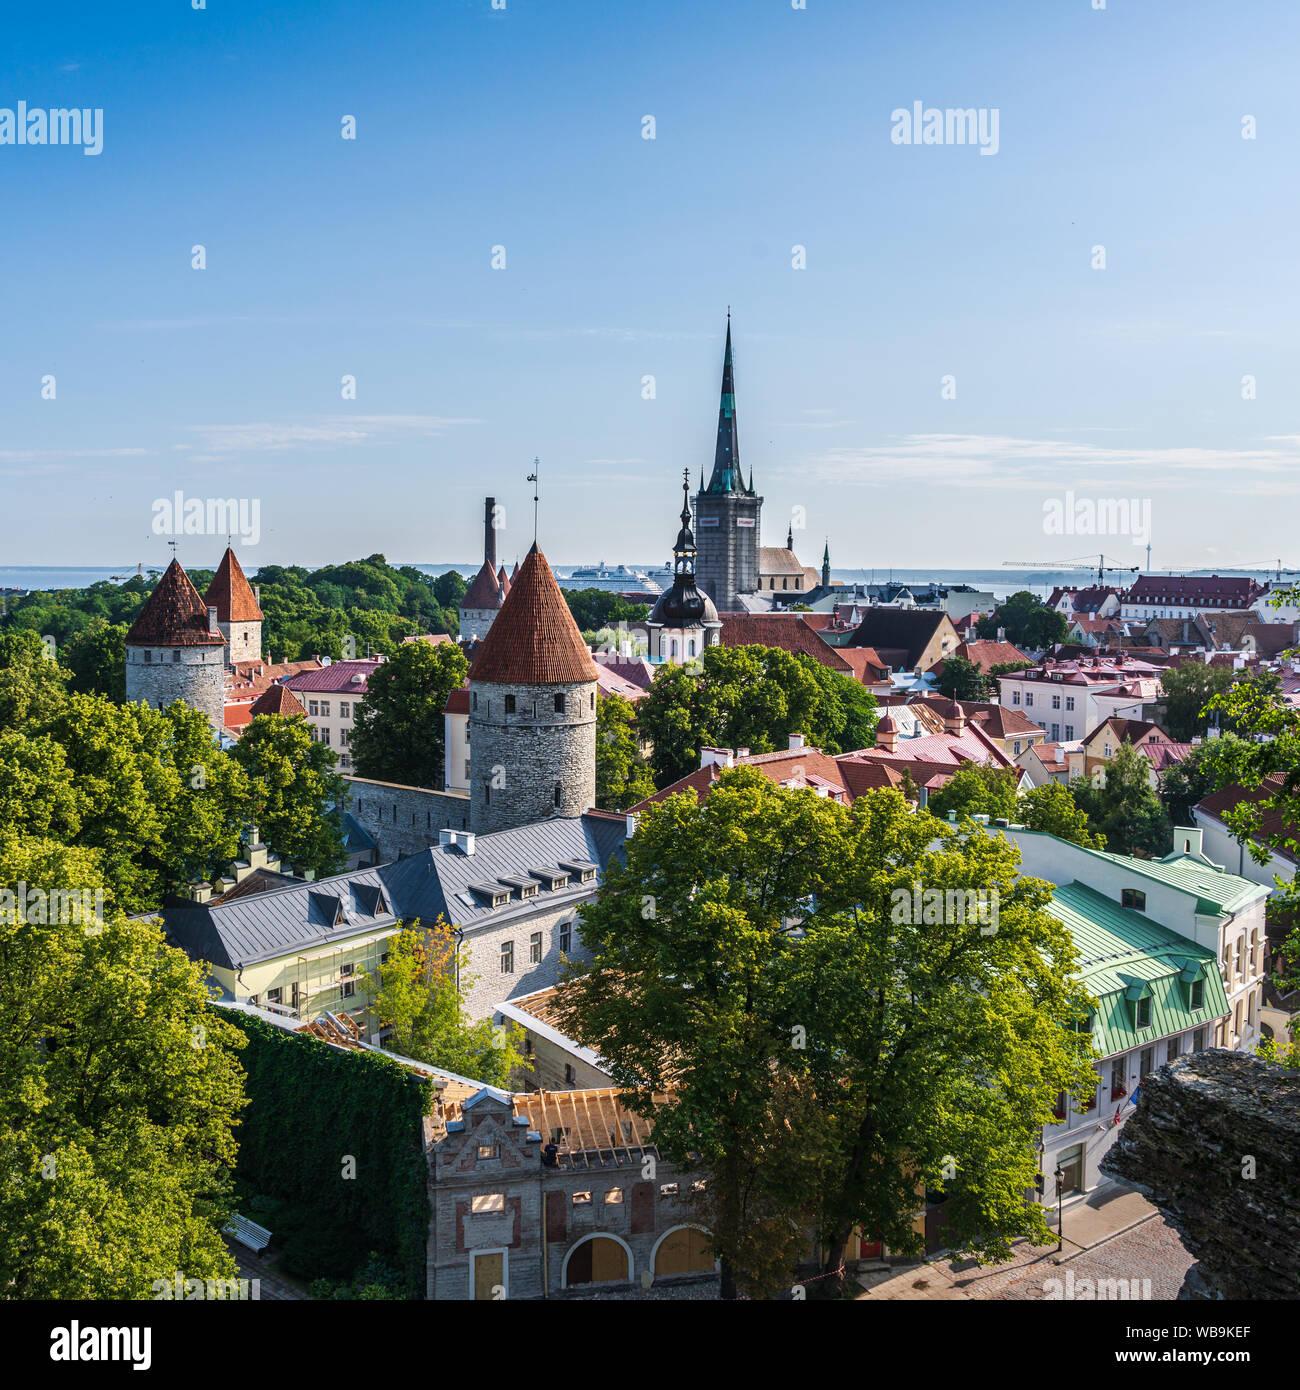 Tallinn, Estonia -- 23 de julio de 2019. Una foto mirando hacia abajo en Tallin desde un cerro de piedra caliza con vistas a la plaza del pueblo. Foto de stock